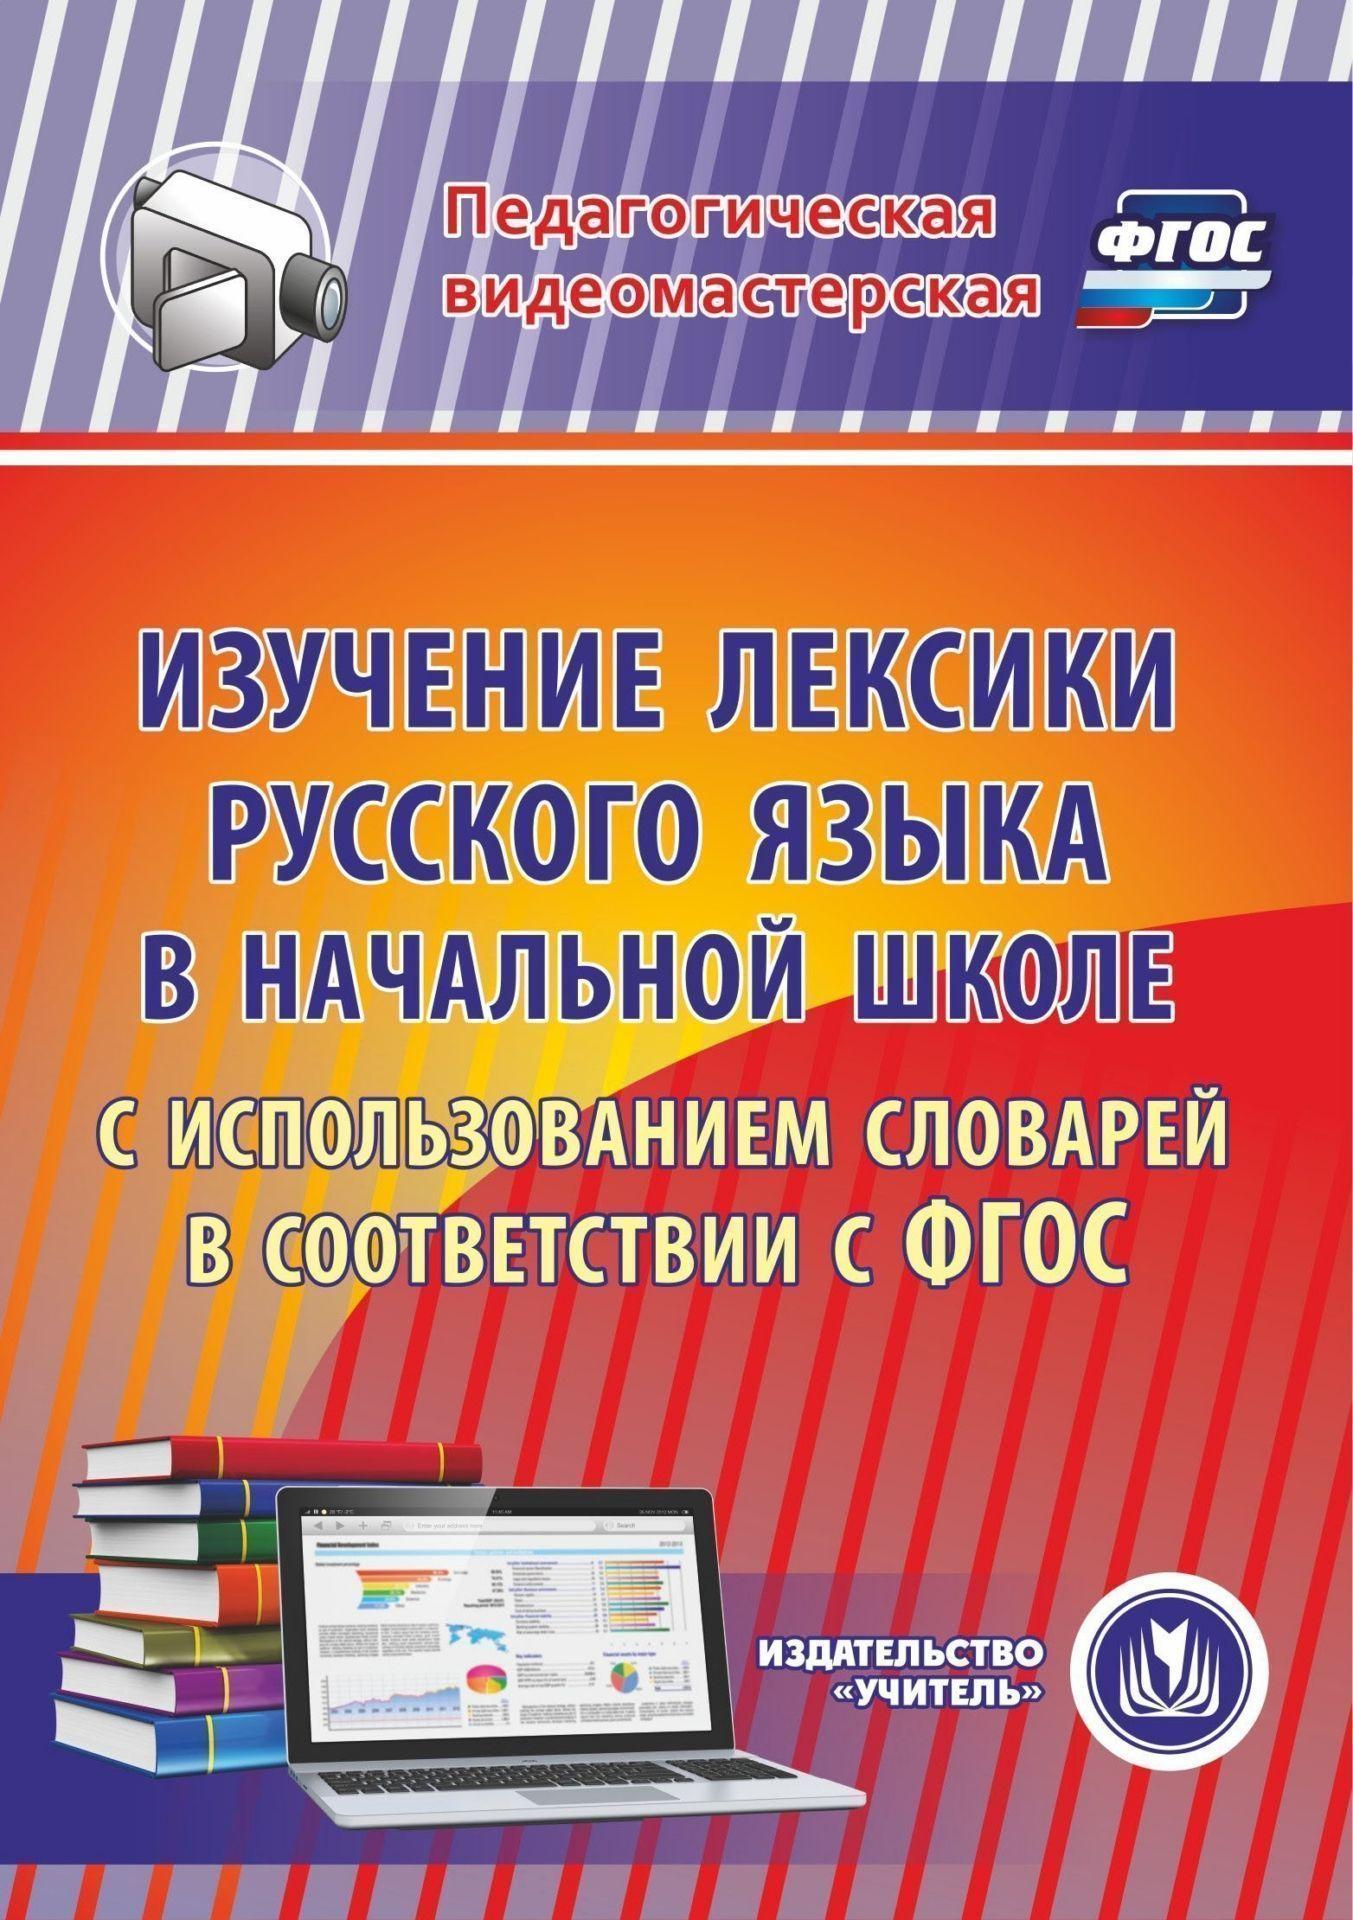 Изучение лексики русского языка в начальной школе с использованием словарей в соответствии с ФГОС. Программа для установки через интернет